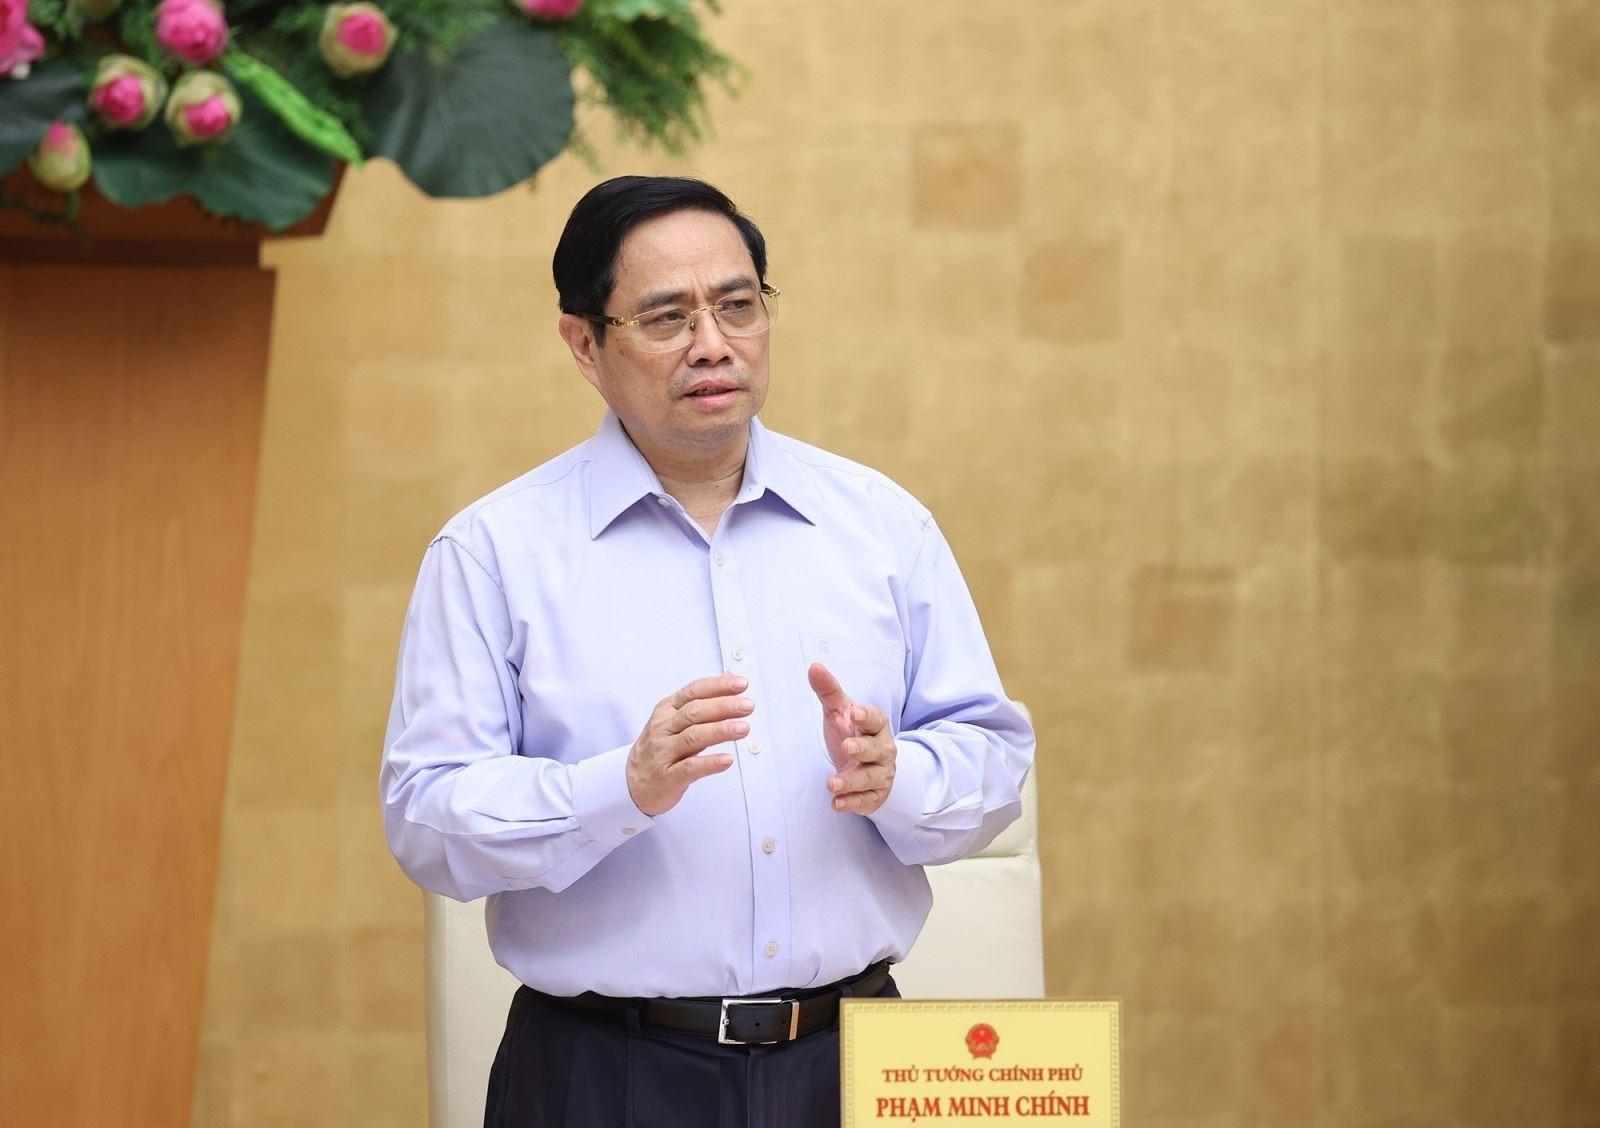 Thủ tướng Phạm Minh Chính chỉ đạo tập trung lãnh đạo, chỉ đạo và đẩy mạnh huy động sự tham gia của nhân dân trong phòng chống dịch COVID-19. Ảnh: TTXVN